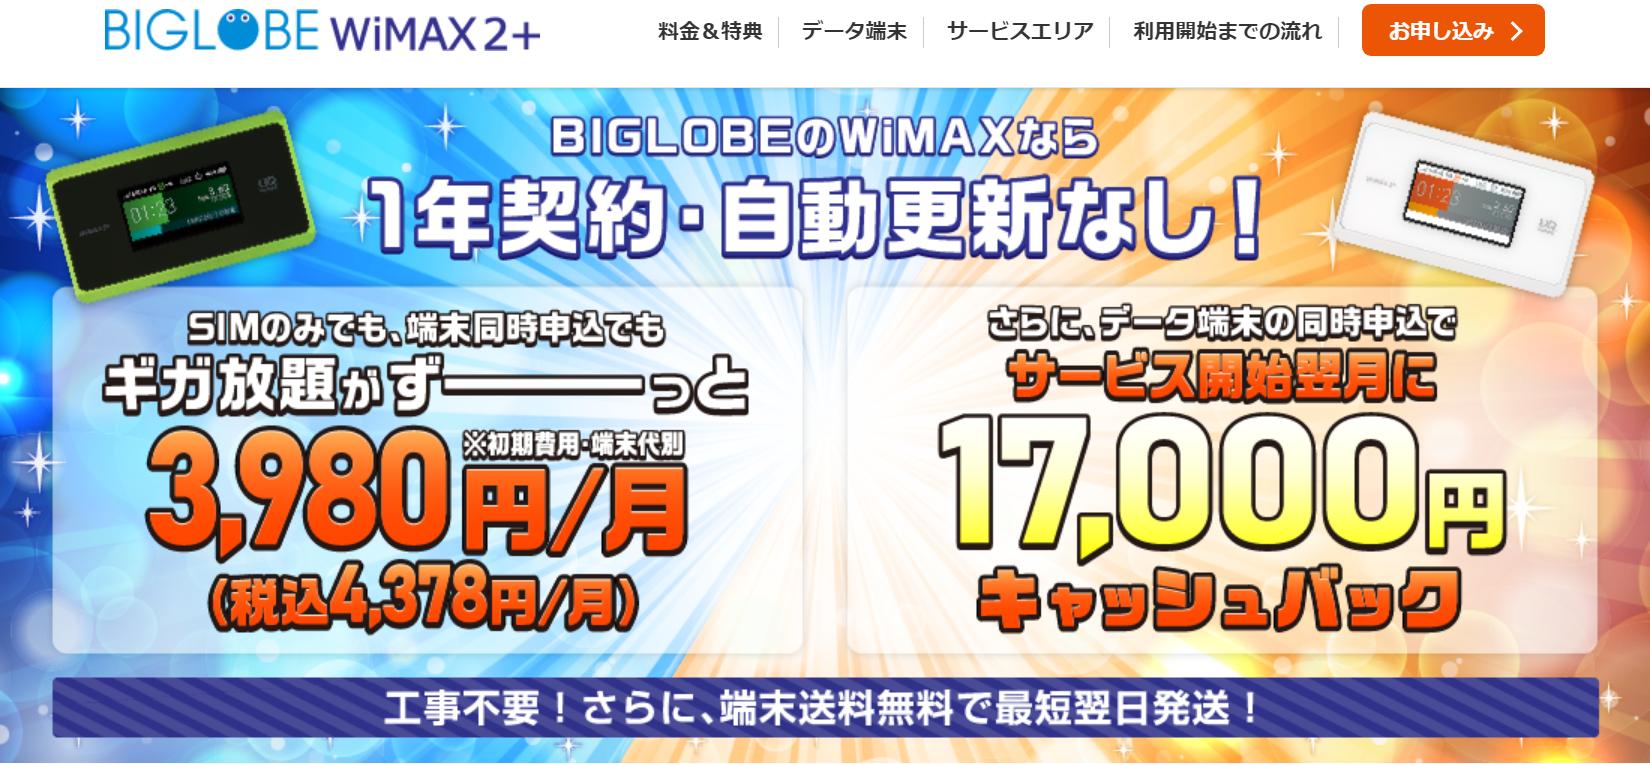 biglobe-wimax-campaign06_main